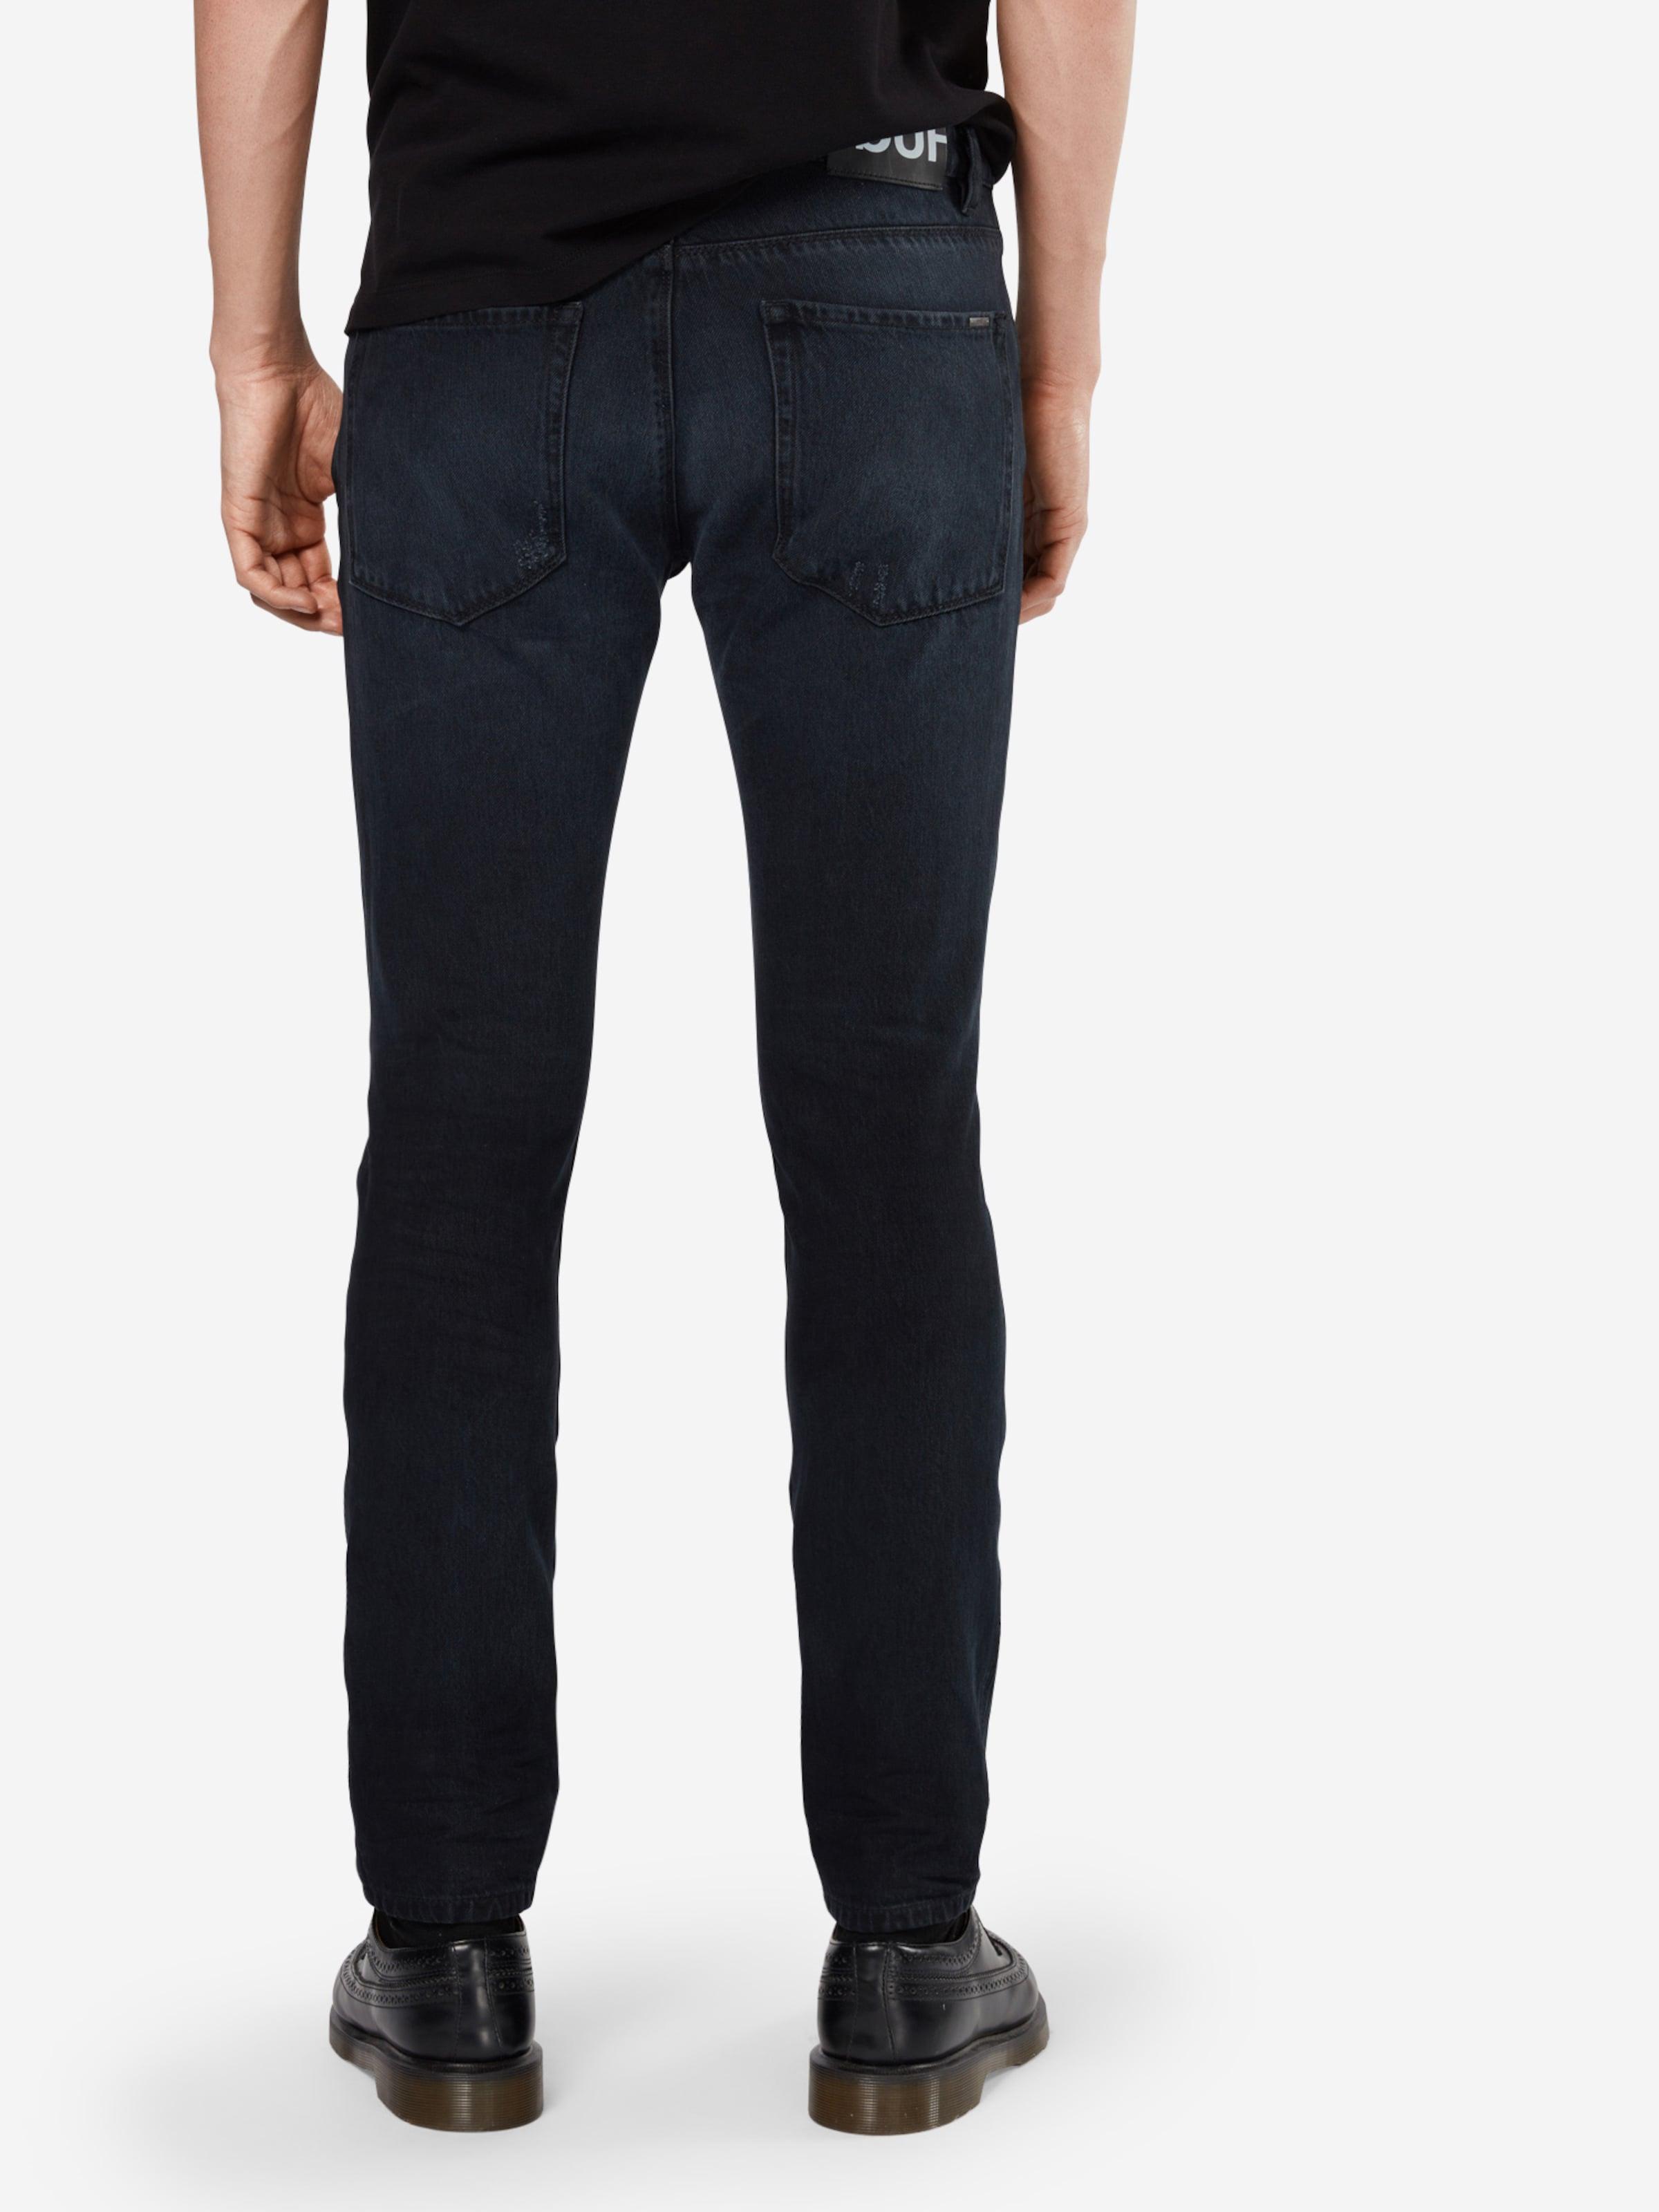 HUGO Skinny-Fit-Jeans 'Hugo 734' Billig Verkauf Limitierter Auflage Billig Verkauf Der Neue Ankunft Verkauf Authentisch bMgzfgpX